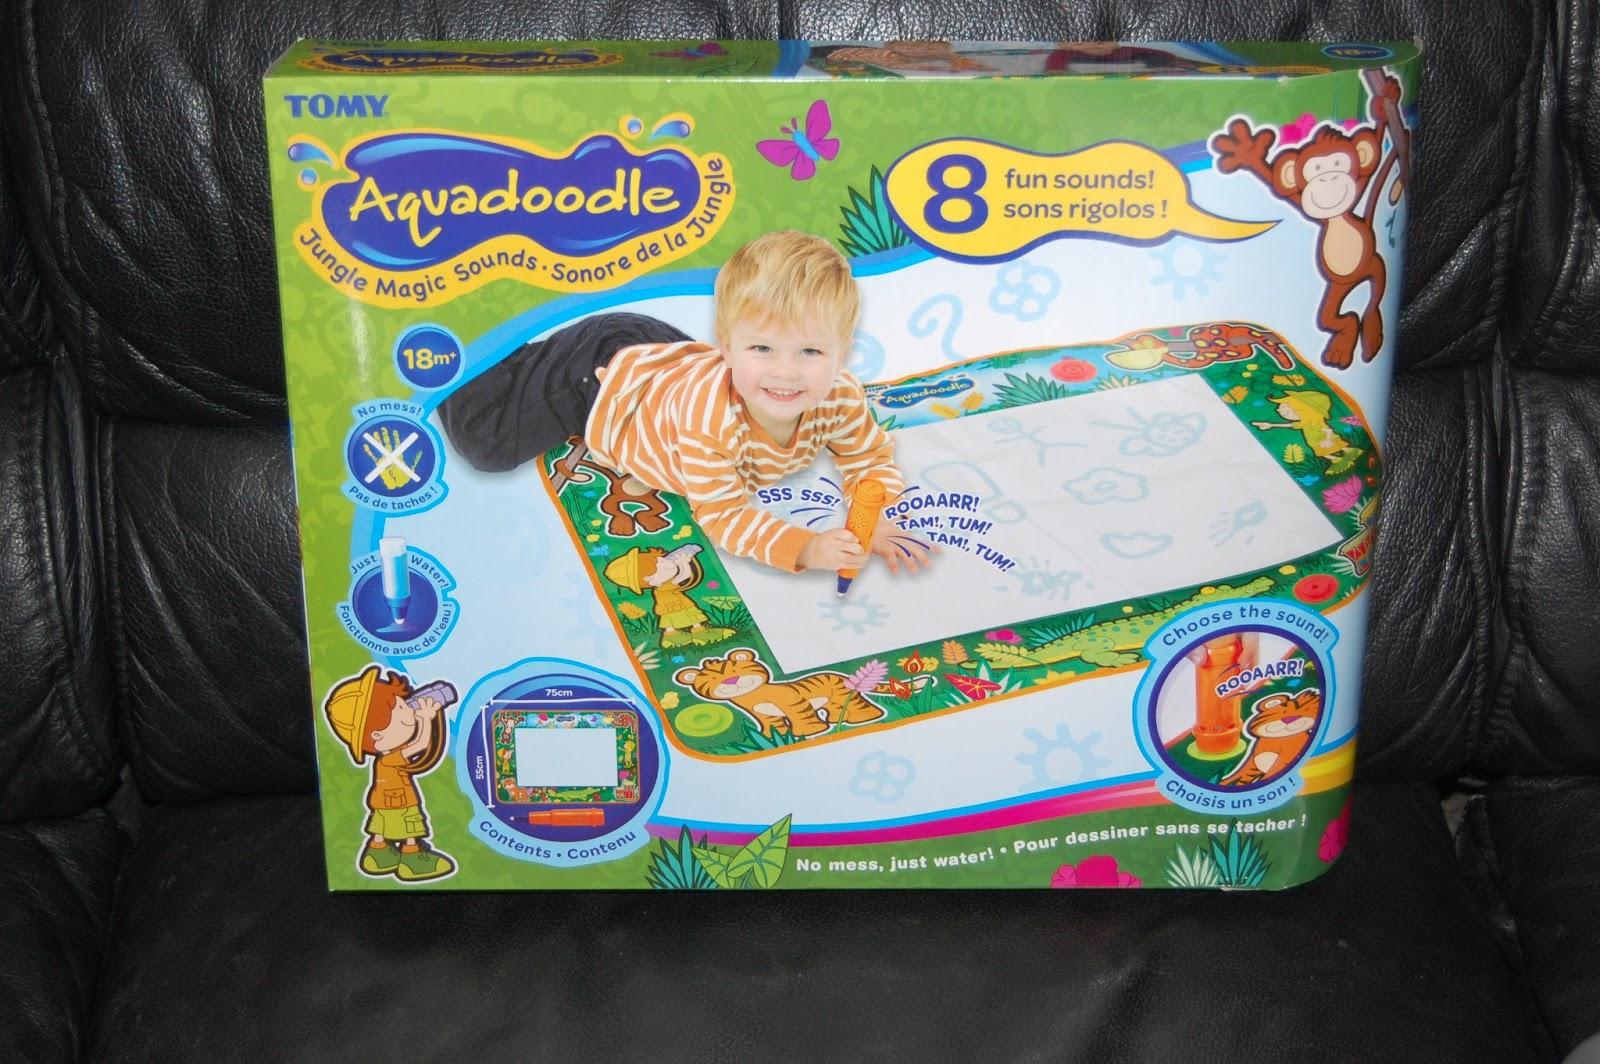 tomy jungle magic sounds aquadoodle